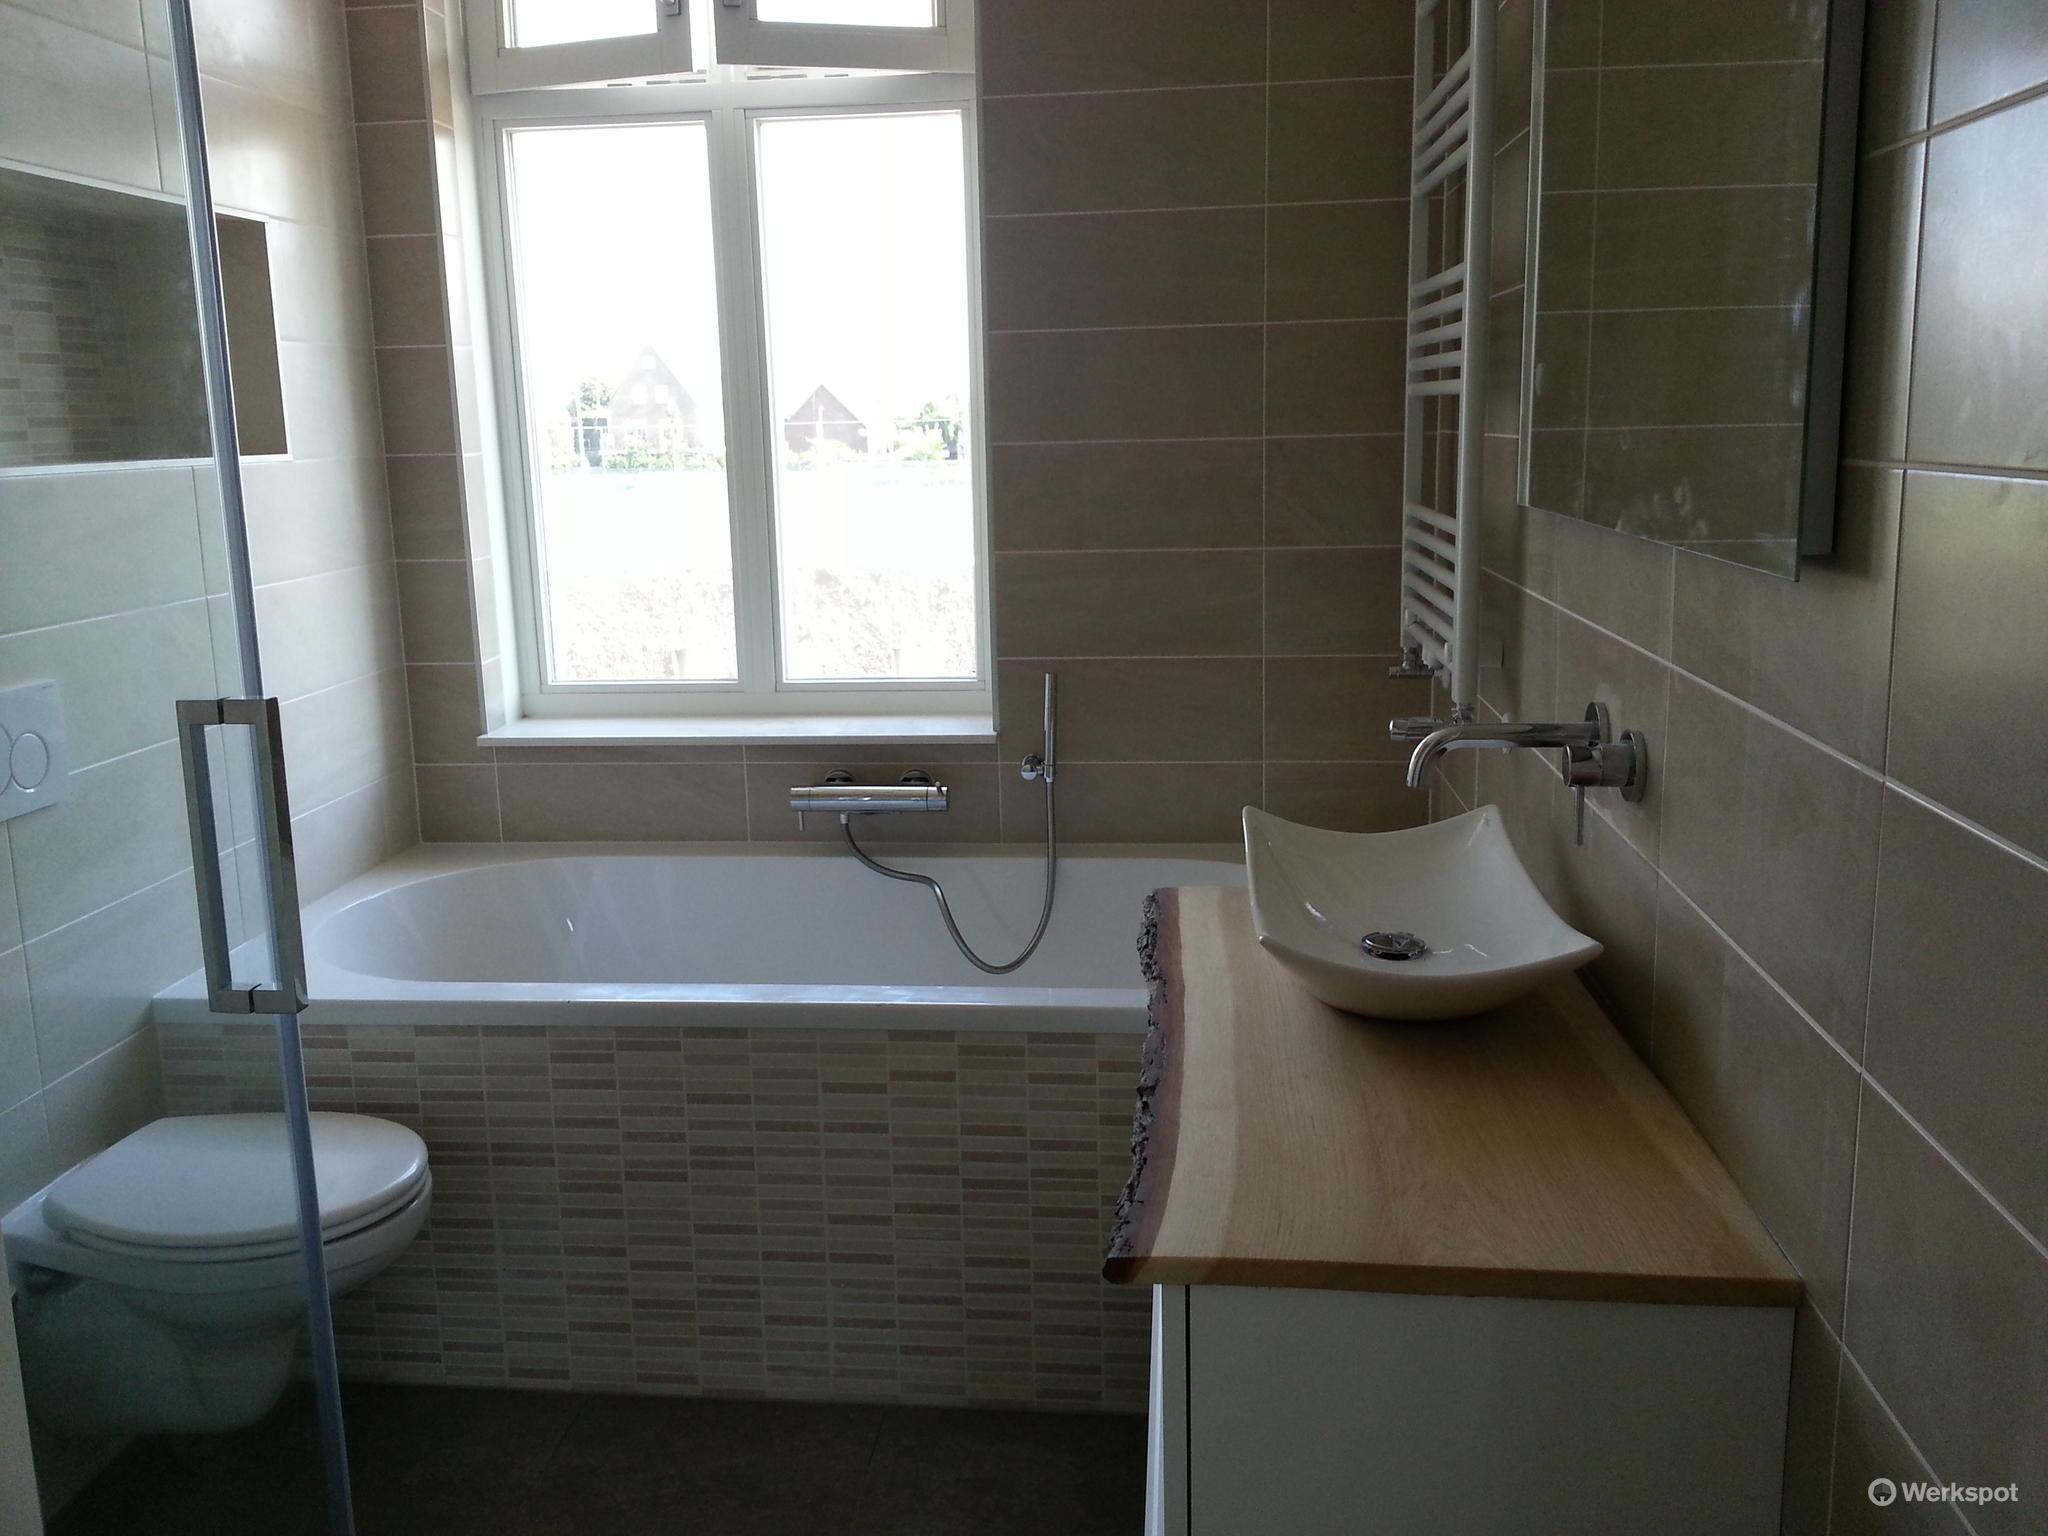 Plaatsen badkamer nieuwbouwwoning werkspot